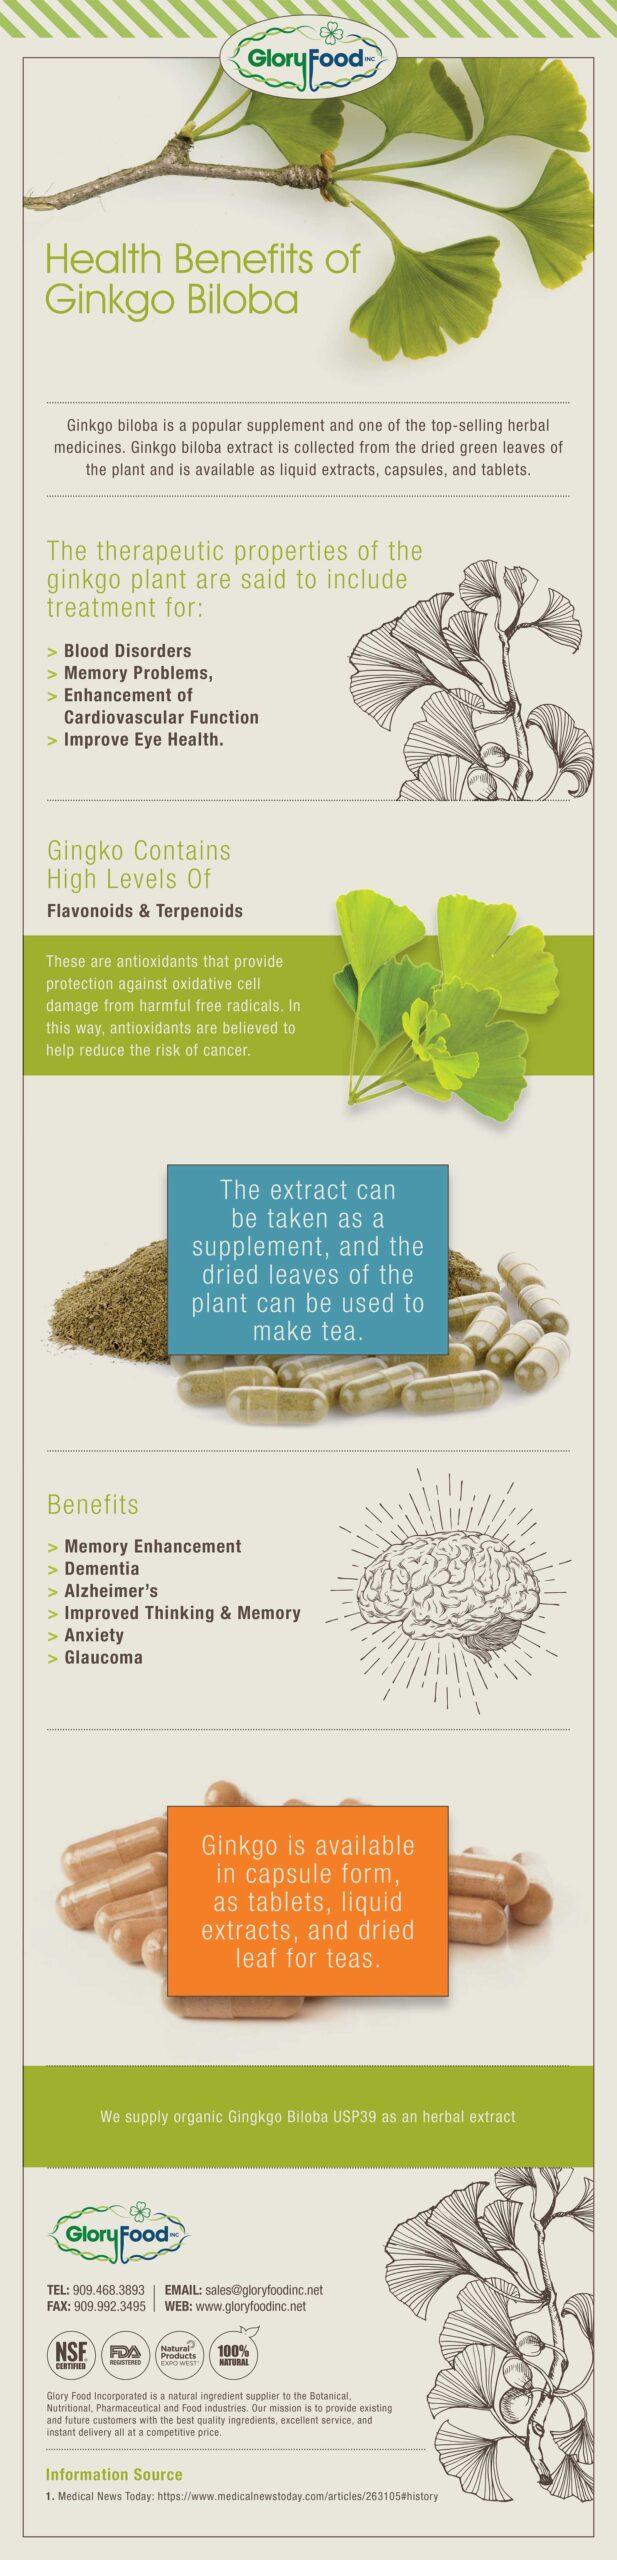 Ginkgo Biloba Health Benefits